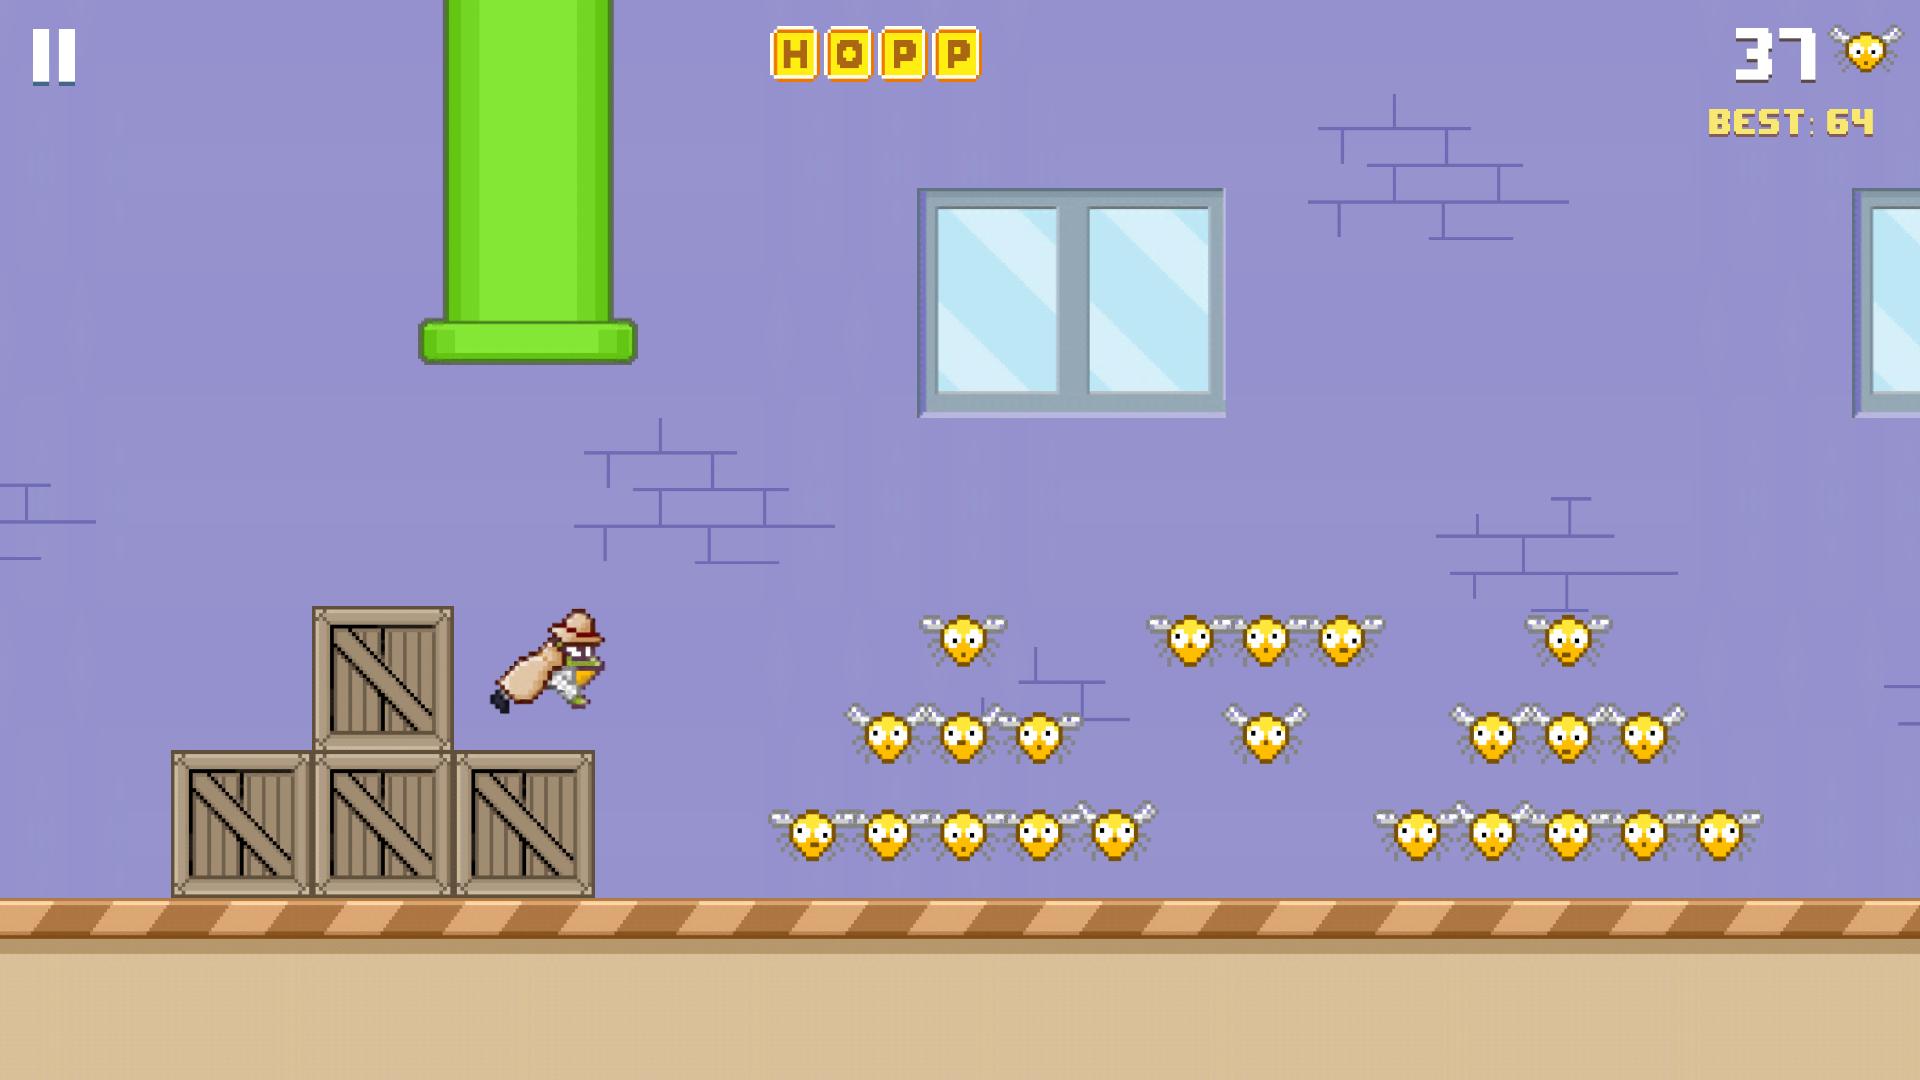 Hoppy Frog 2 - City Escape screenshot 12